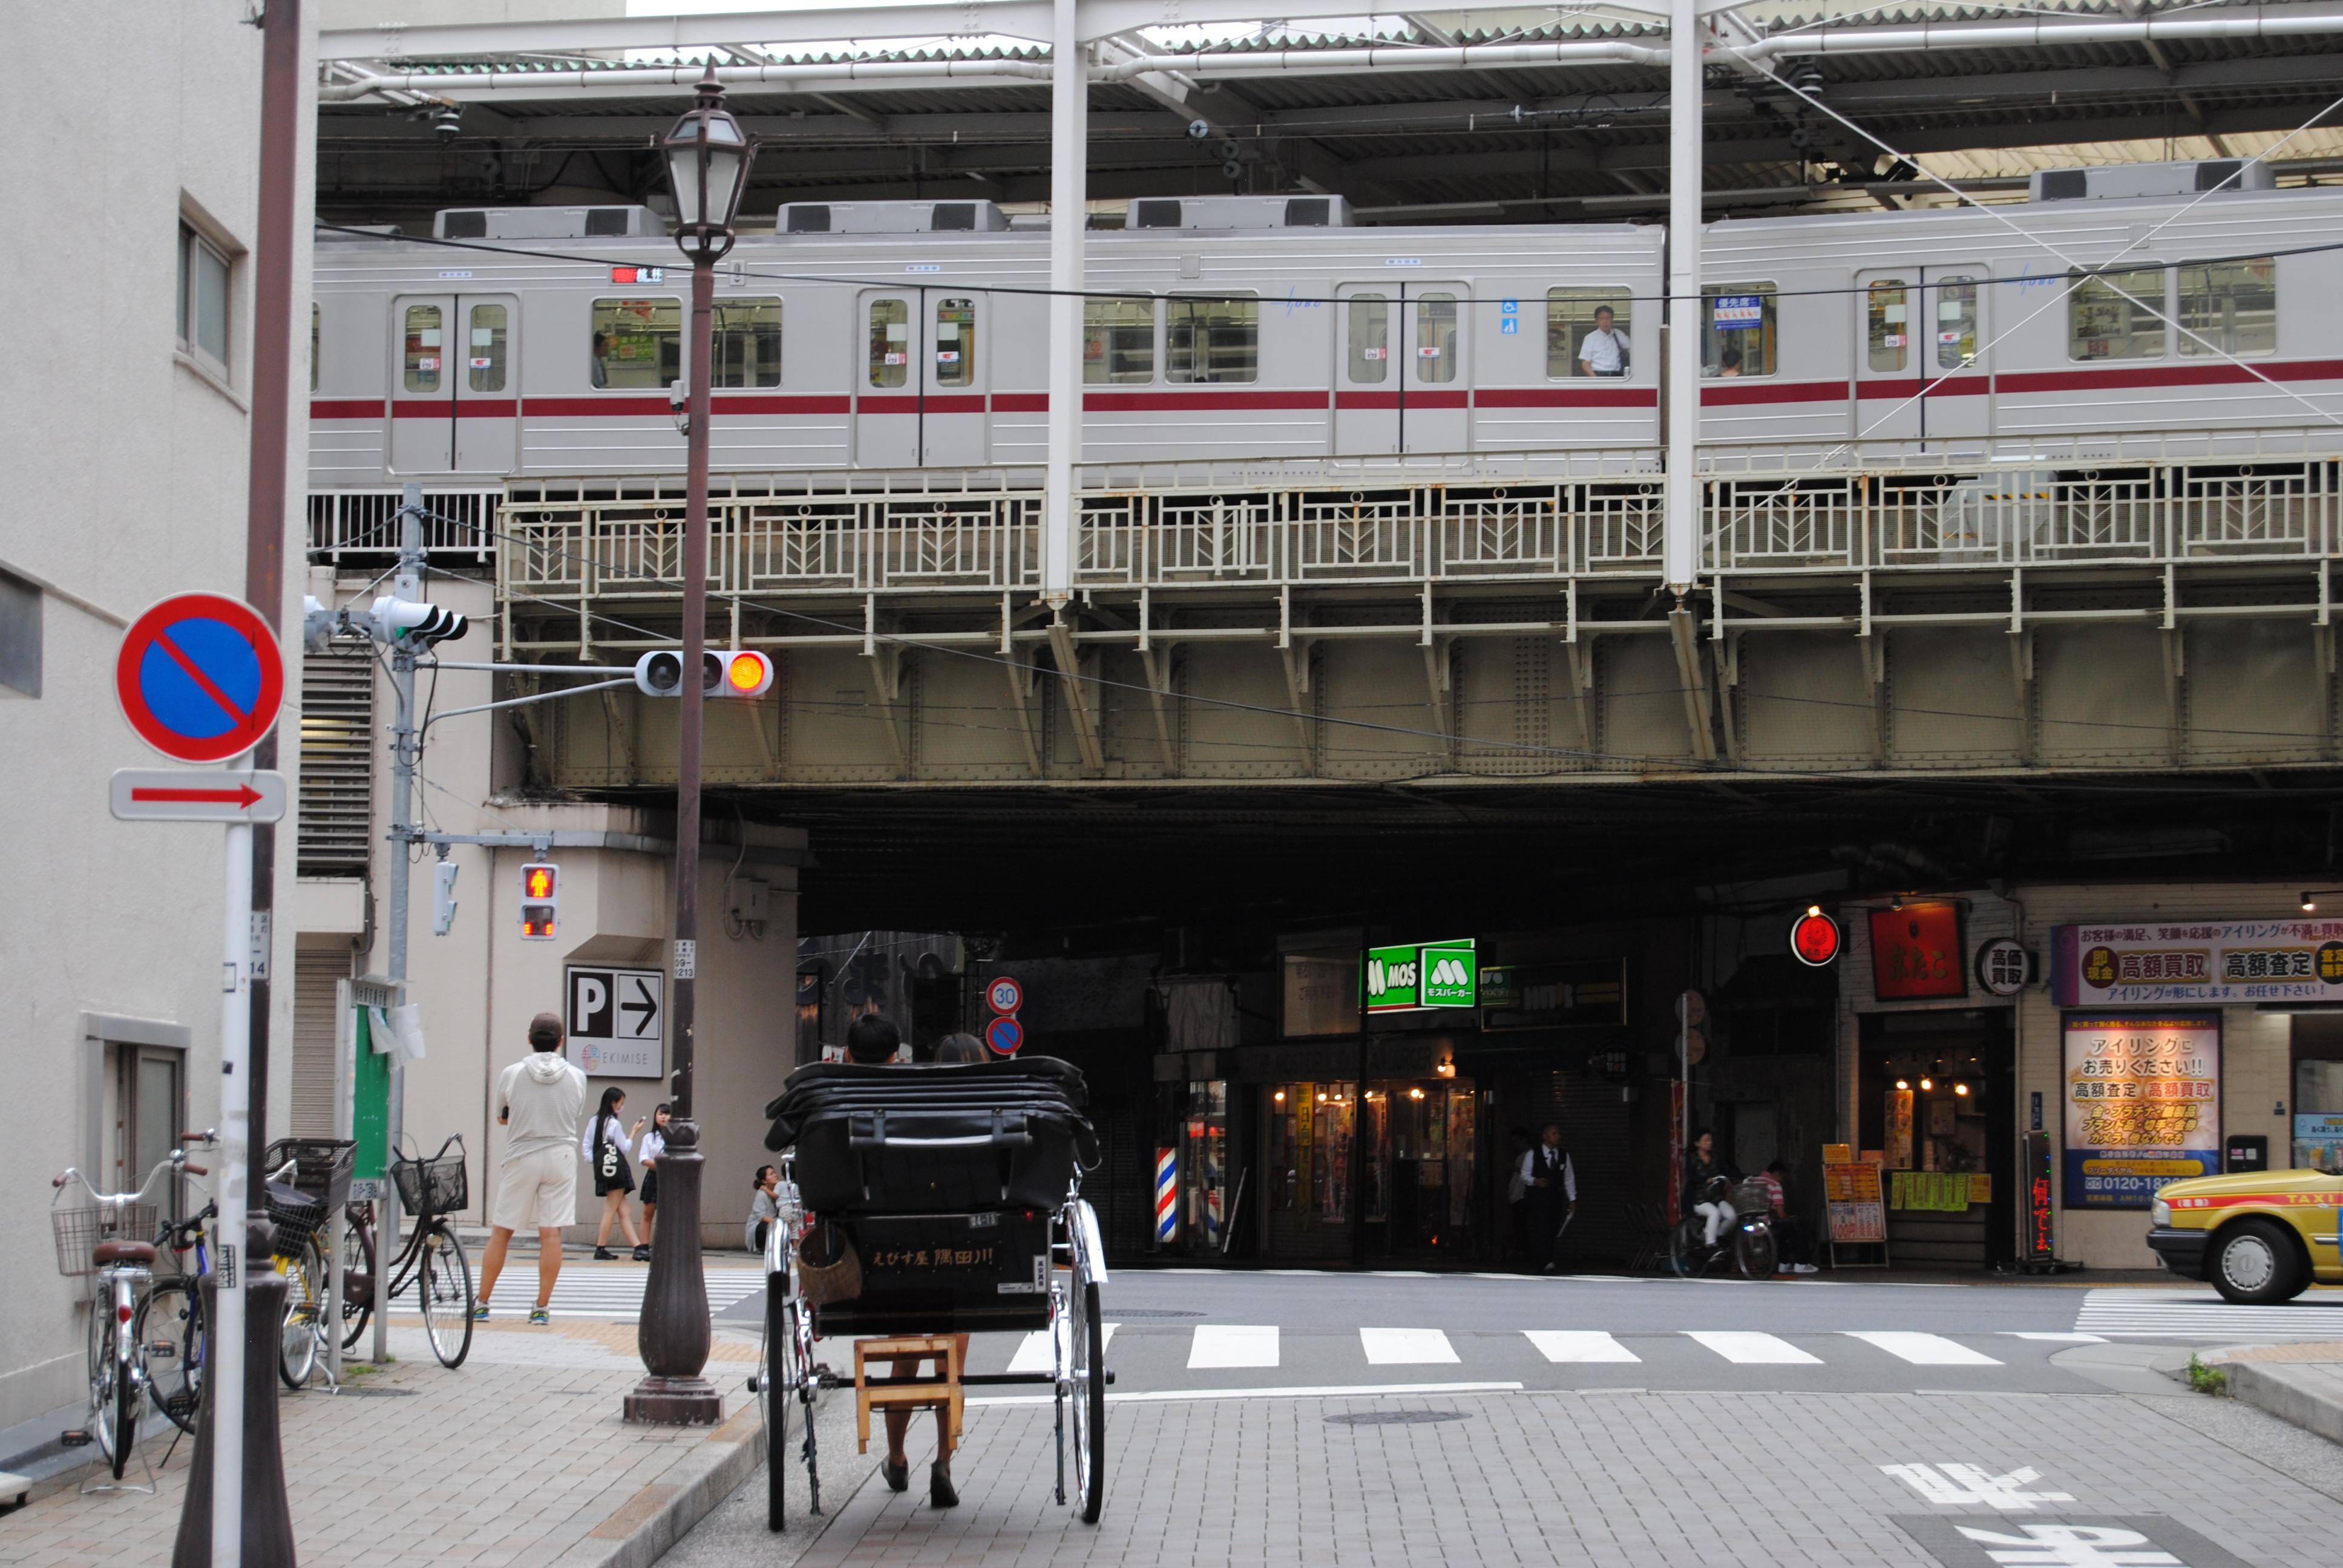 paso subterráneo del metro de Tokyo